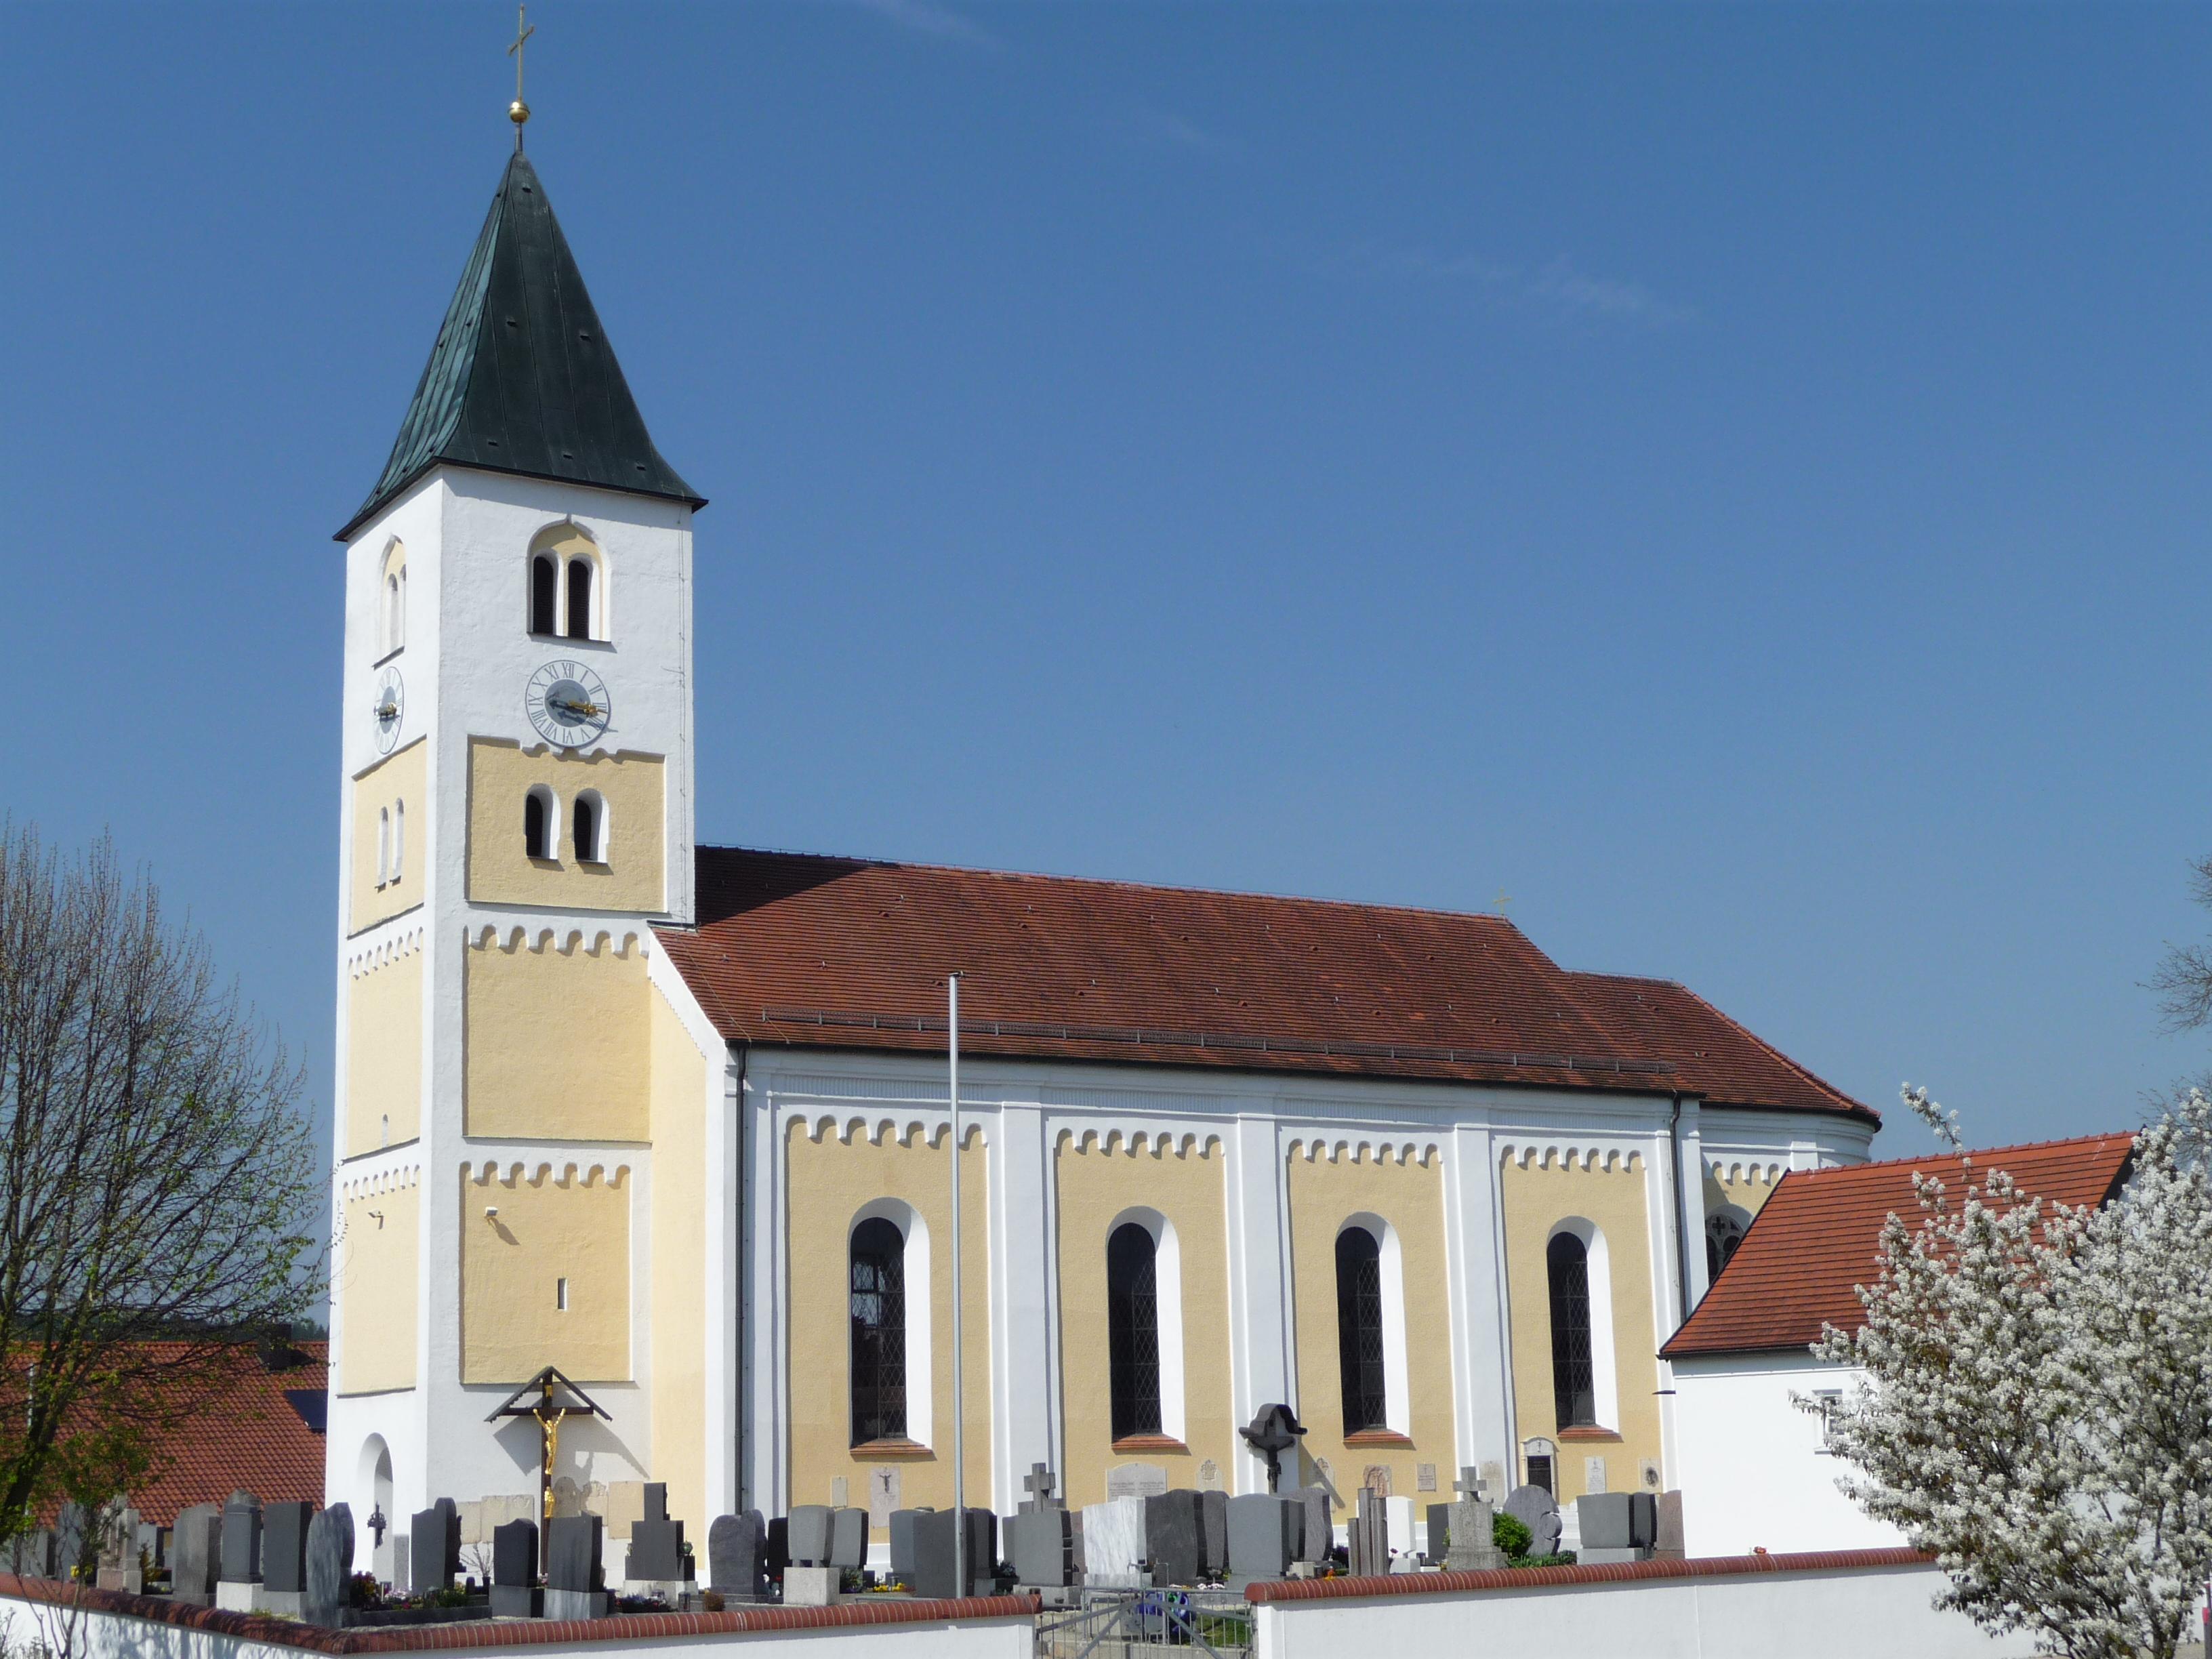 Pfarrkirche Mc3Bcnchsdorf